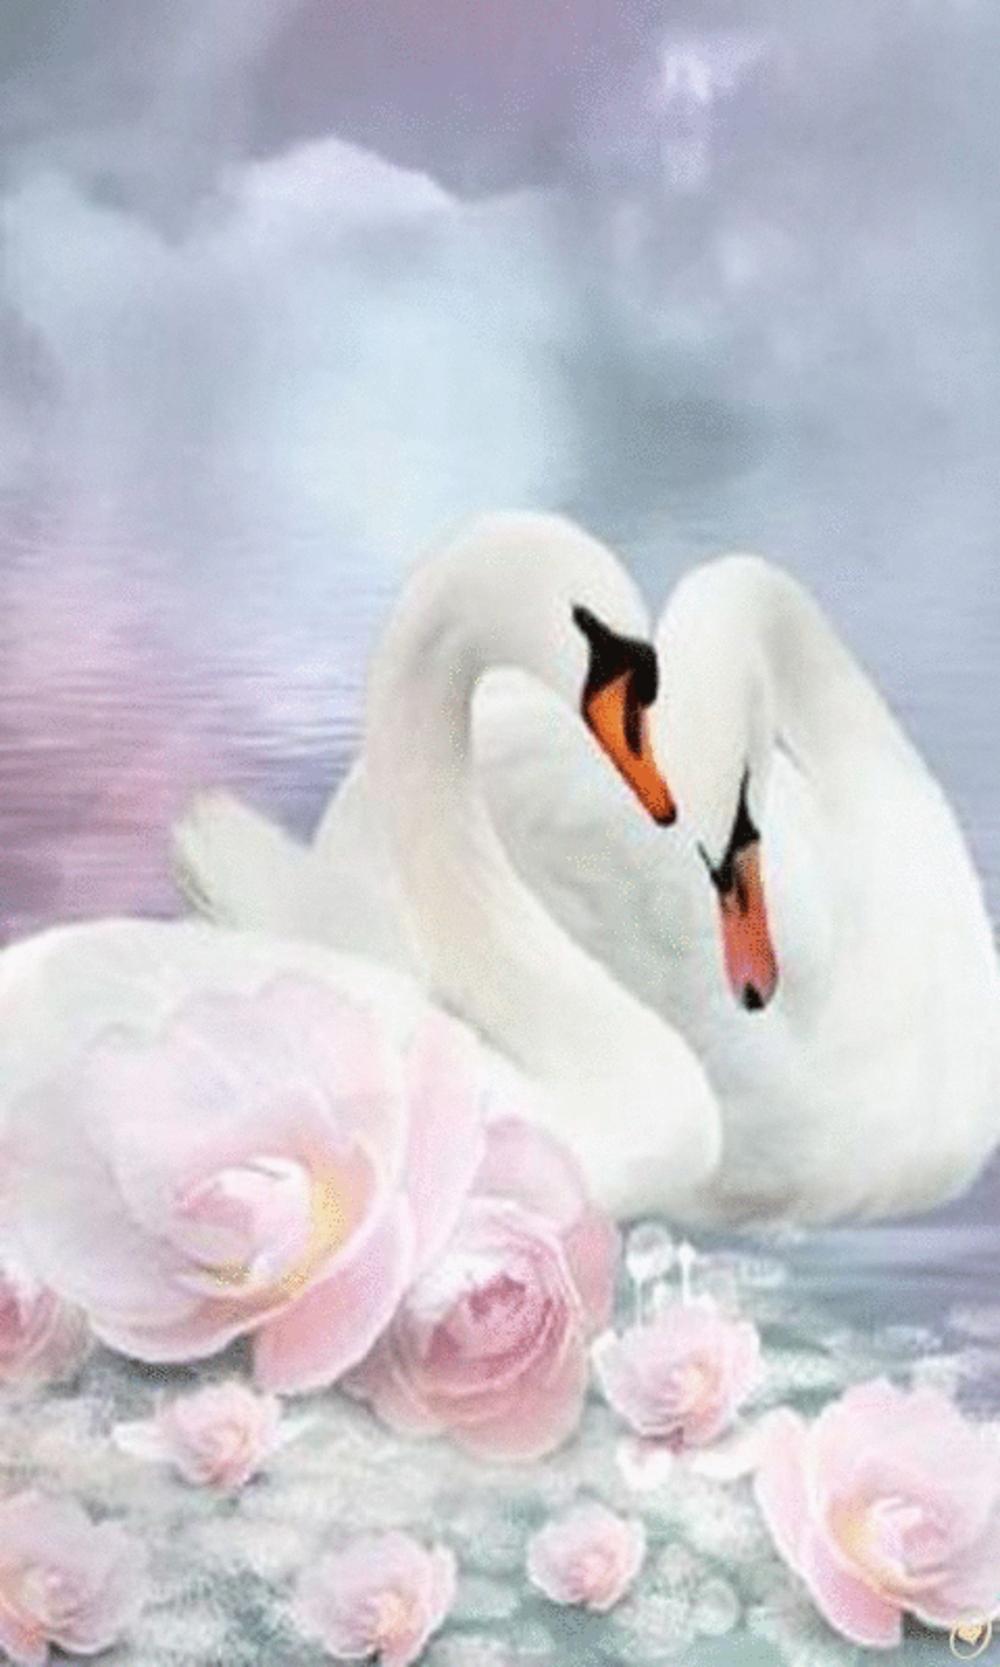 Обои на телефон с лебедями (24)